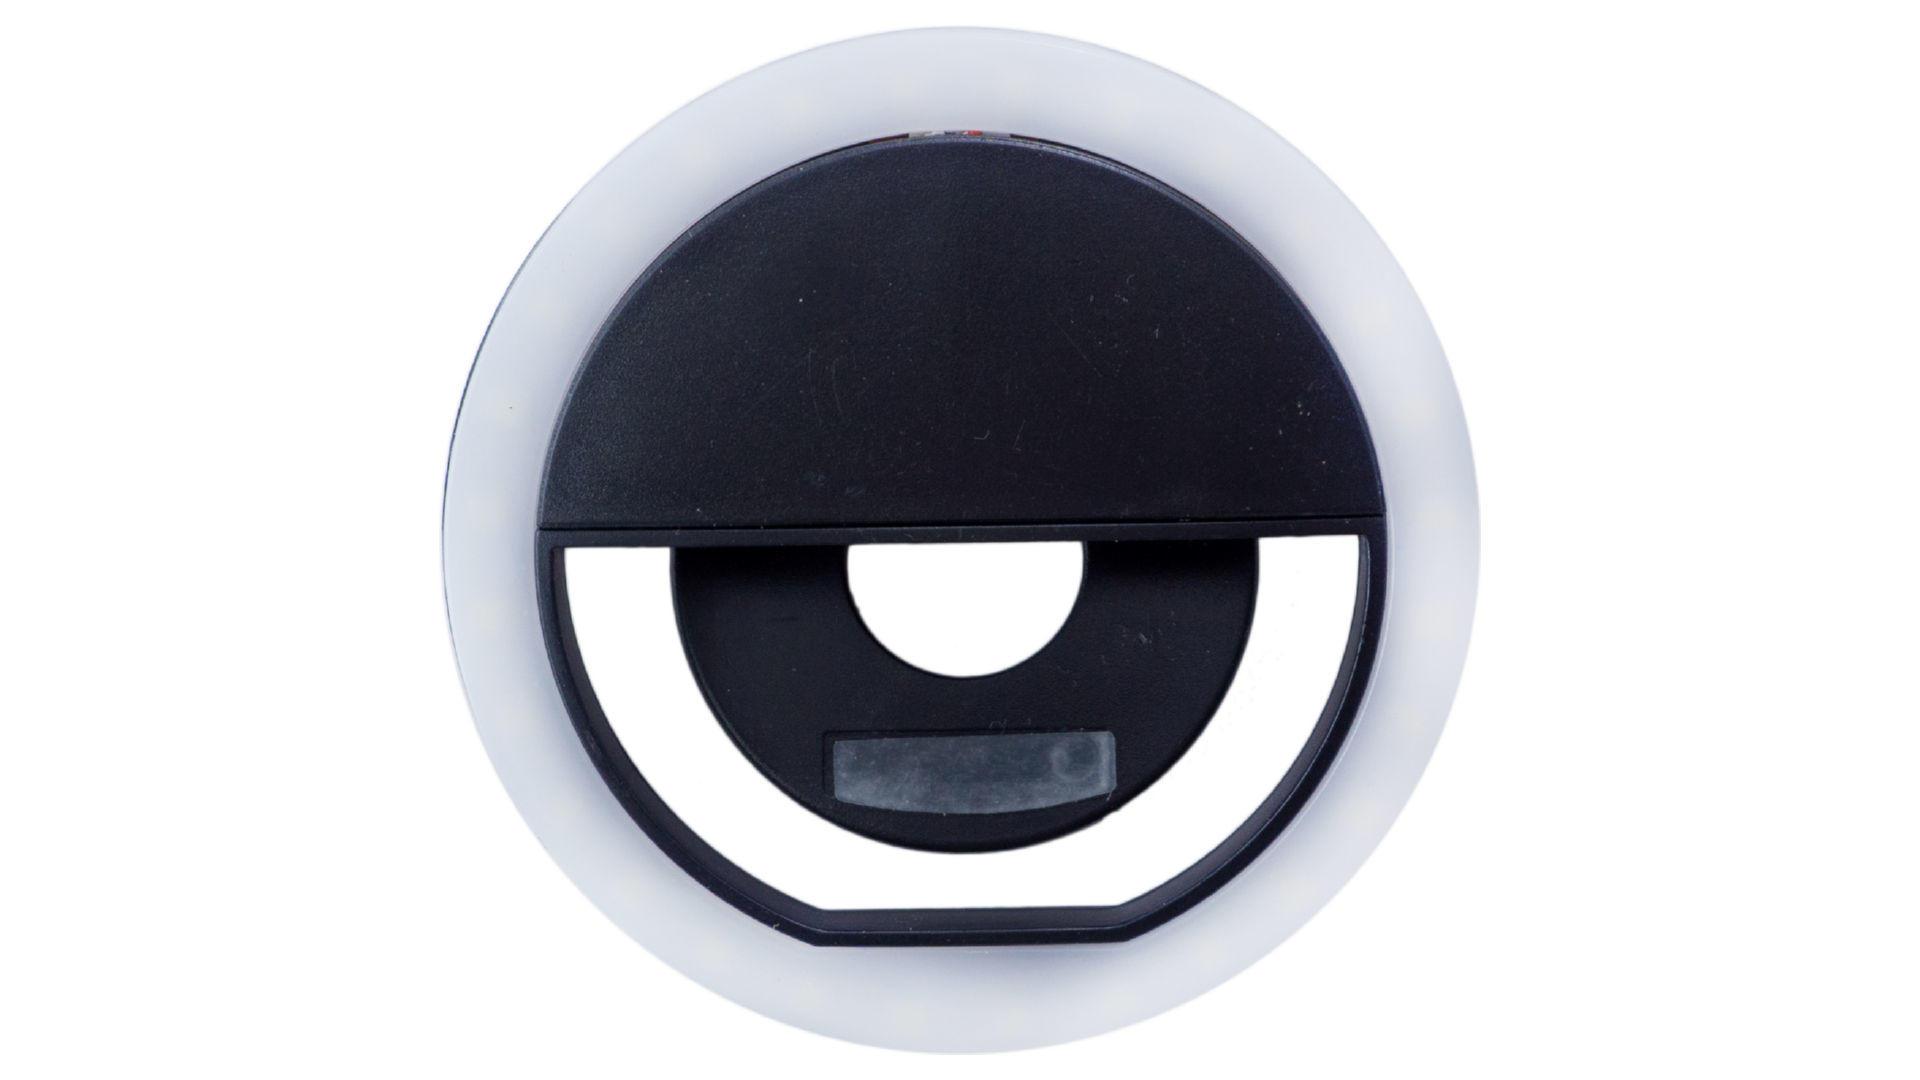 Селфи кольцо светодиодное для телефона Elite - Selfie Ring Light 5